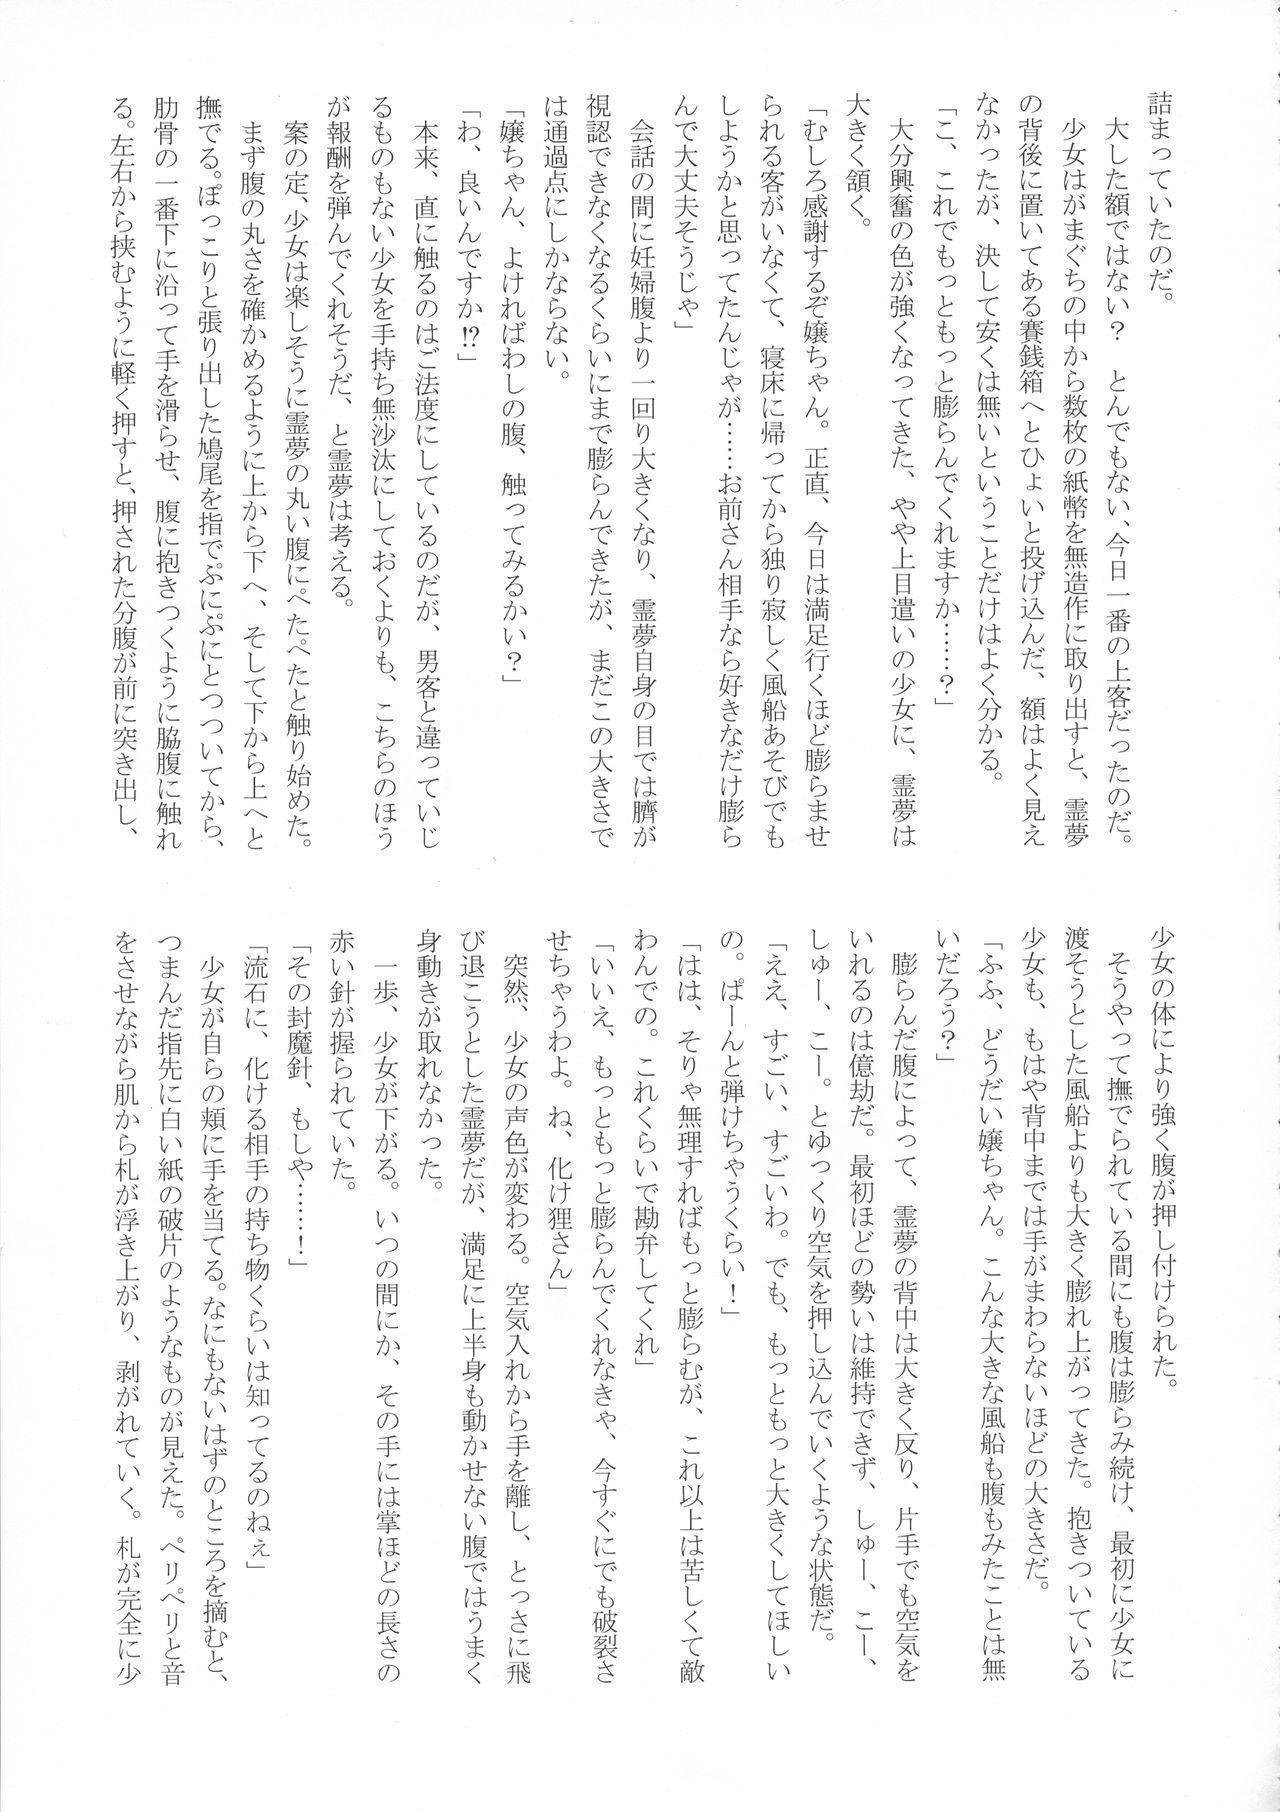 (Reitaisai 15) [HORIC WORKS (Various)] Touhou Bouchou-kei Sougou Goudou-shi `Boujo 2!!!!!!!!' (Touhou Project) 87